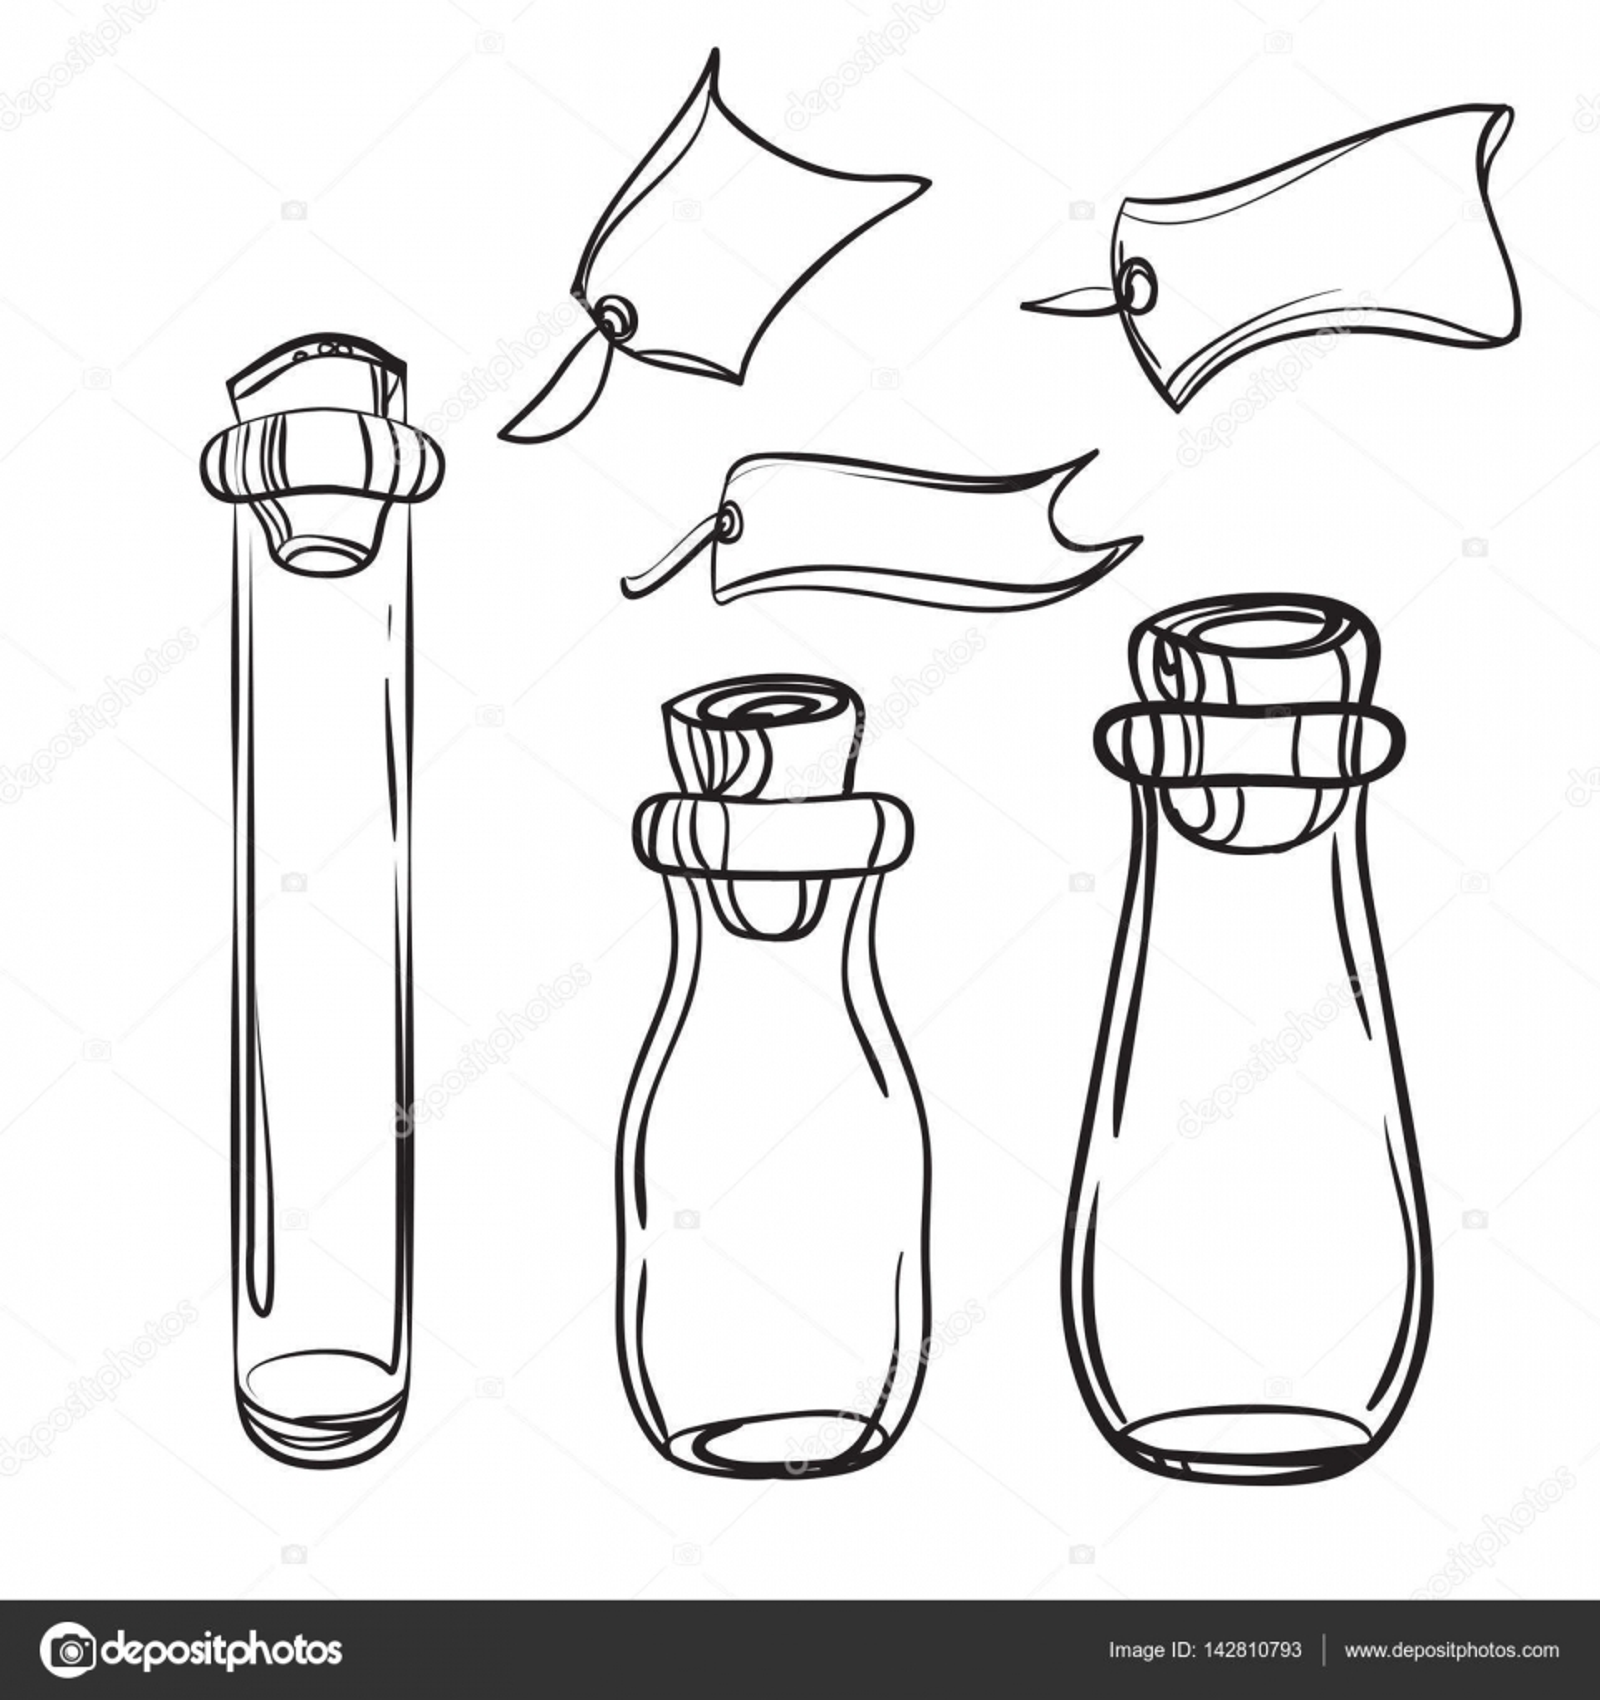 malvorlagen flaschen und gläser  coloring and malvorlagan